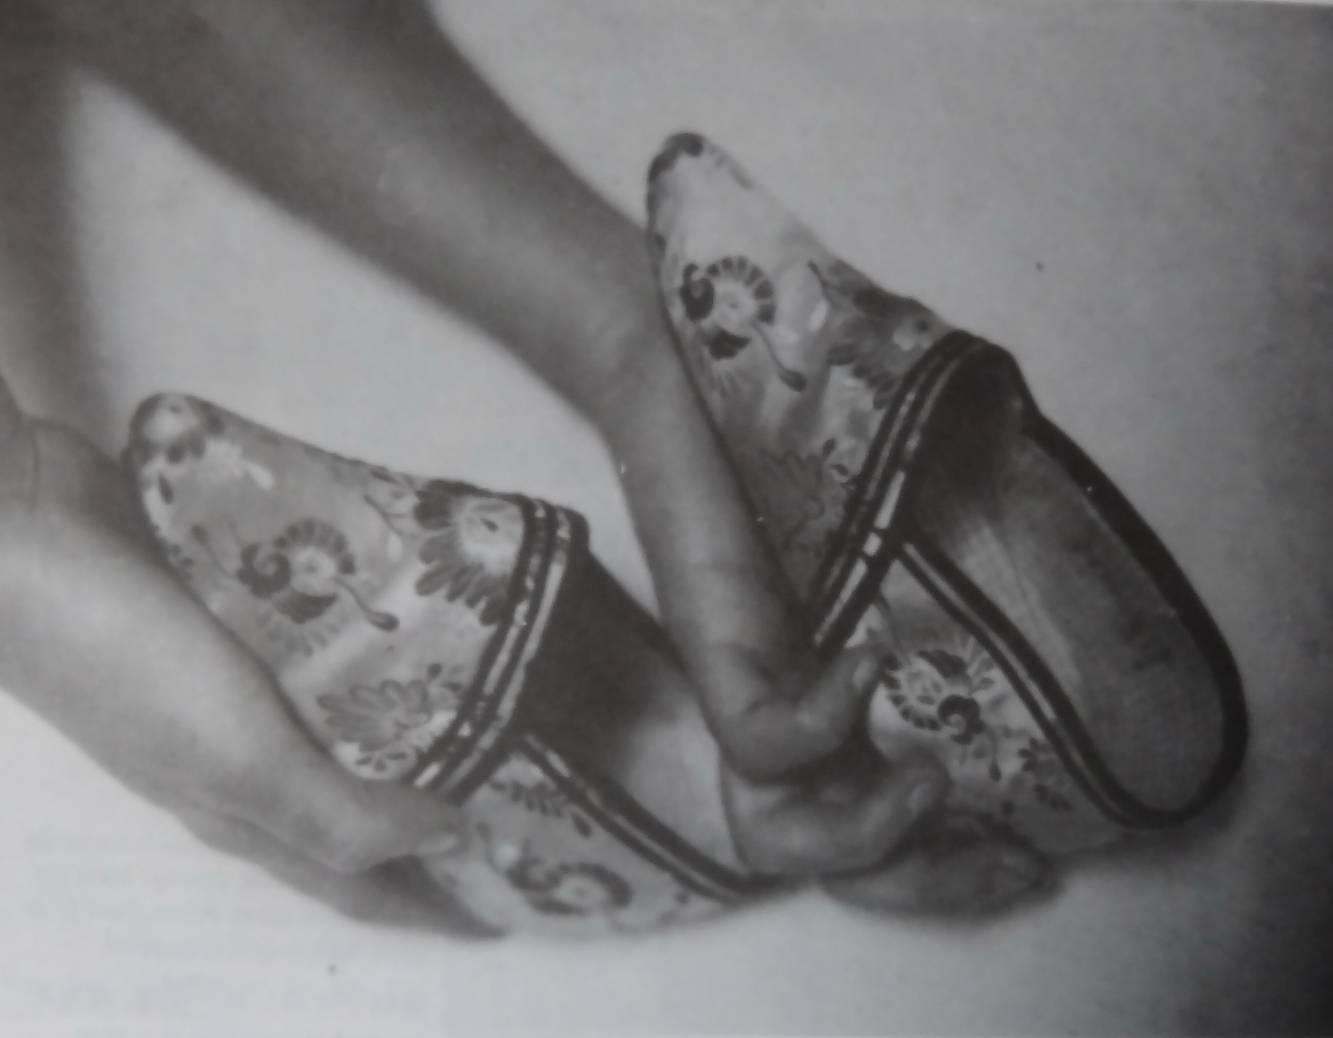 旧货摊上的妇女三寸金莲绣花鞋.jpg